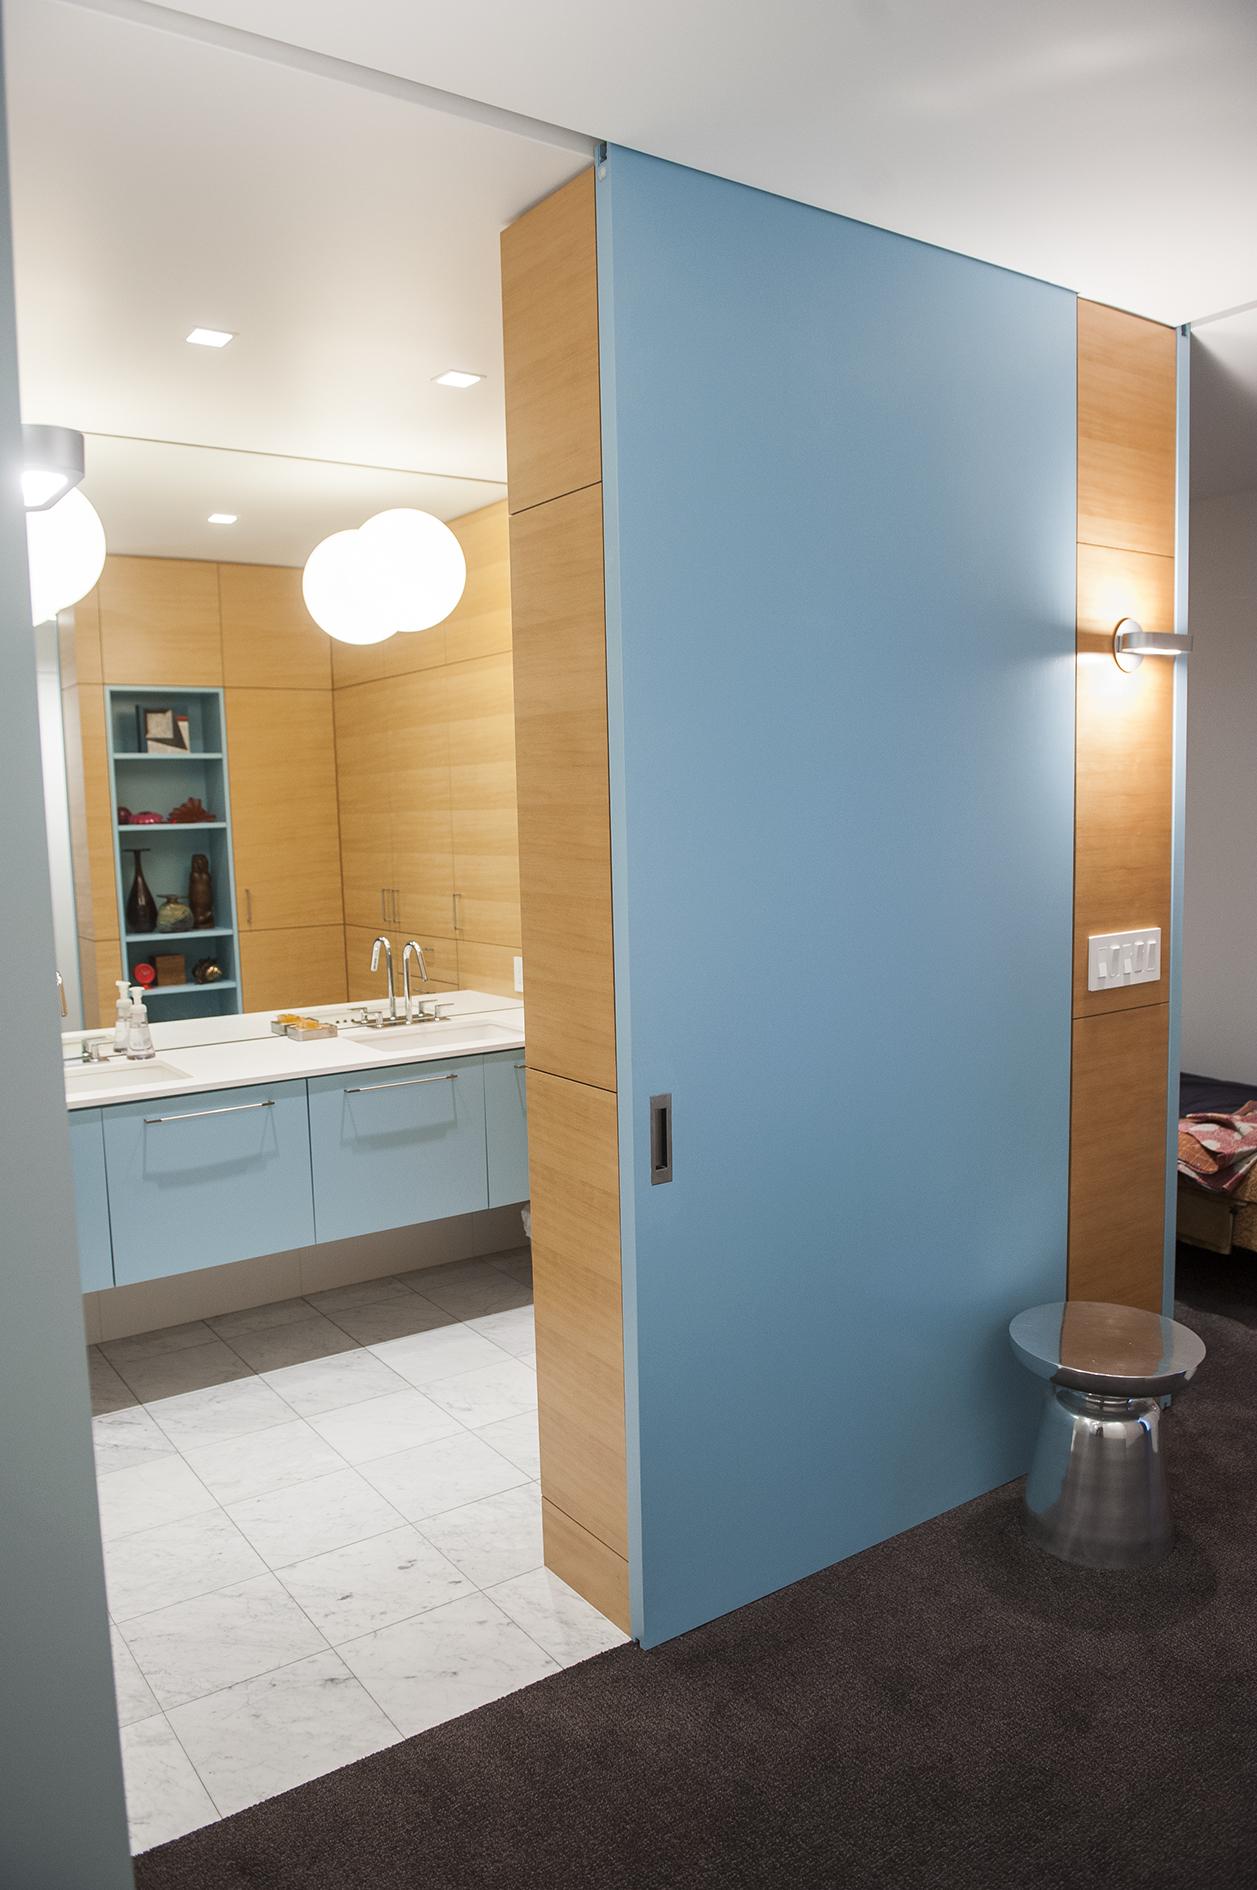 Portland Contemporary Remodel Bathroom